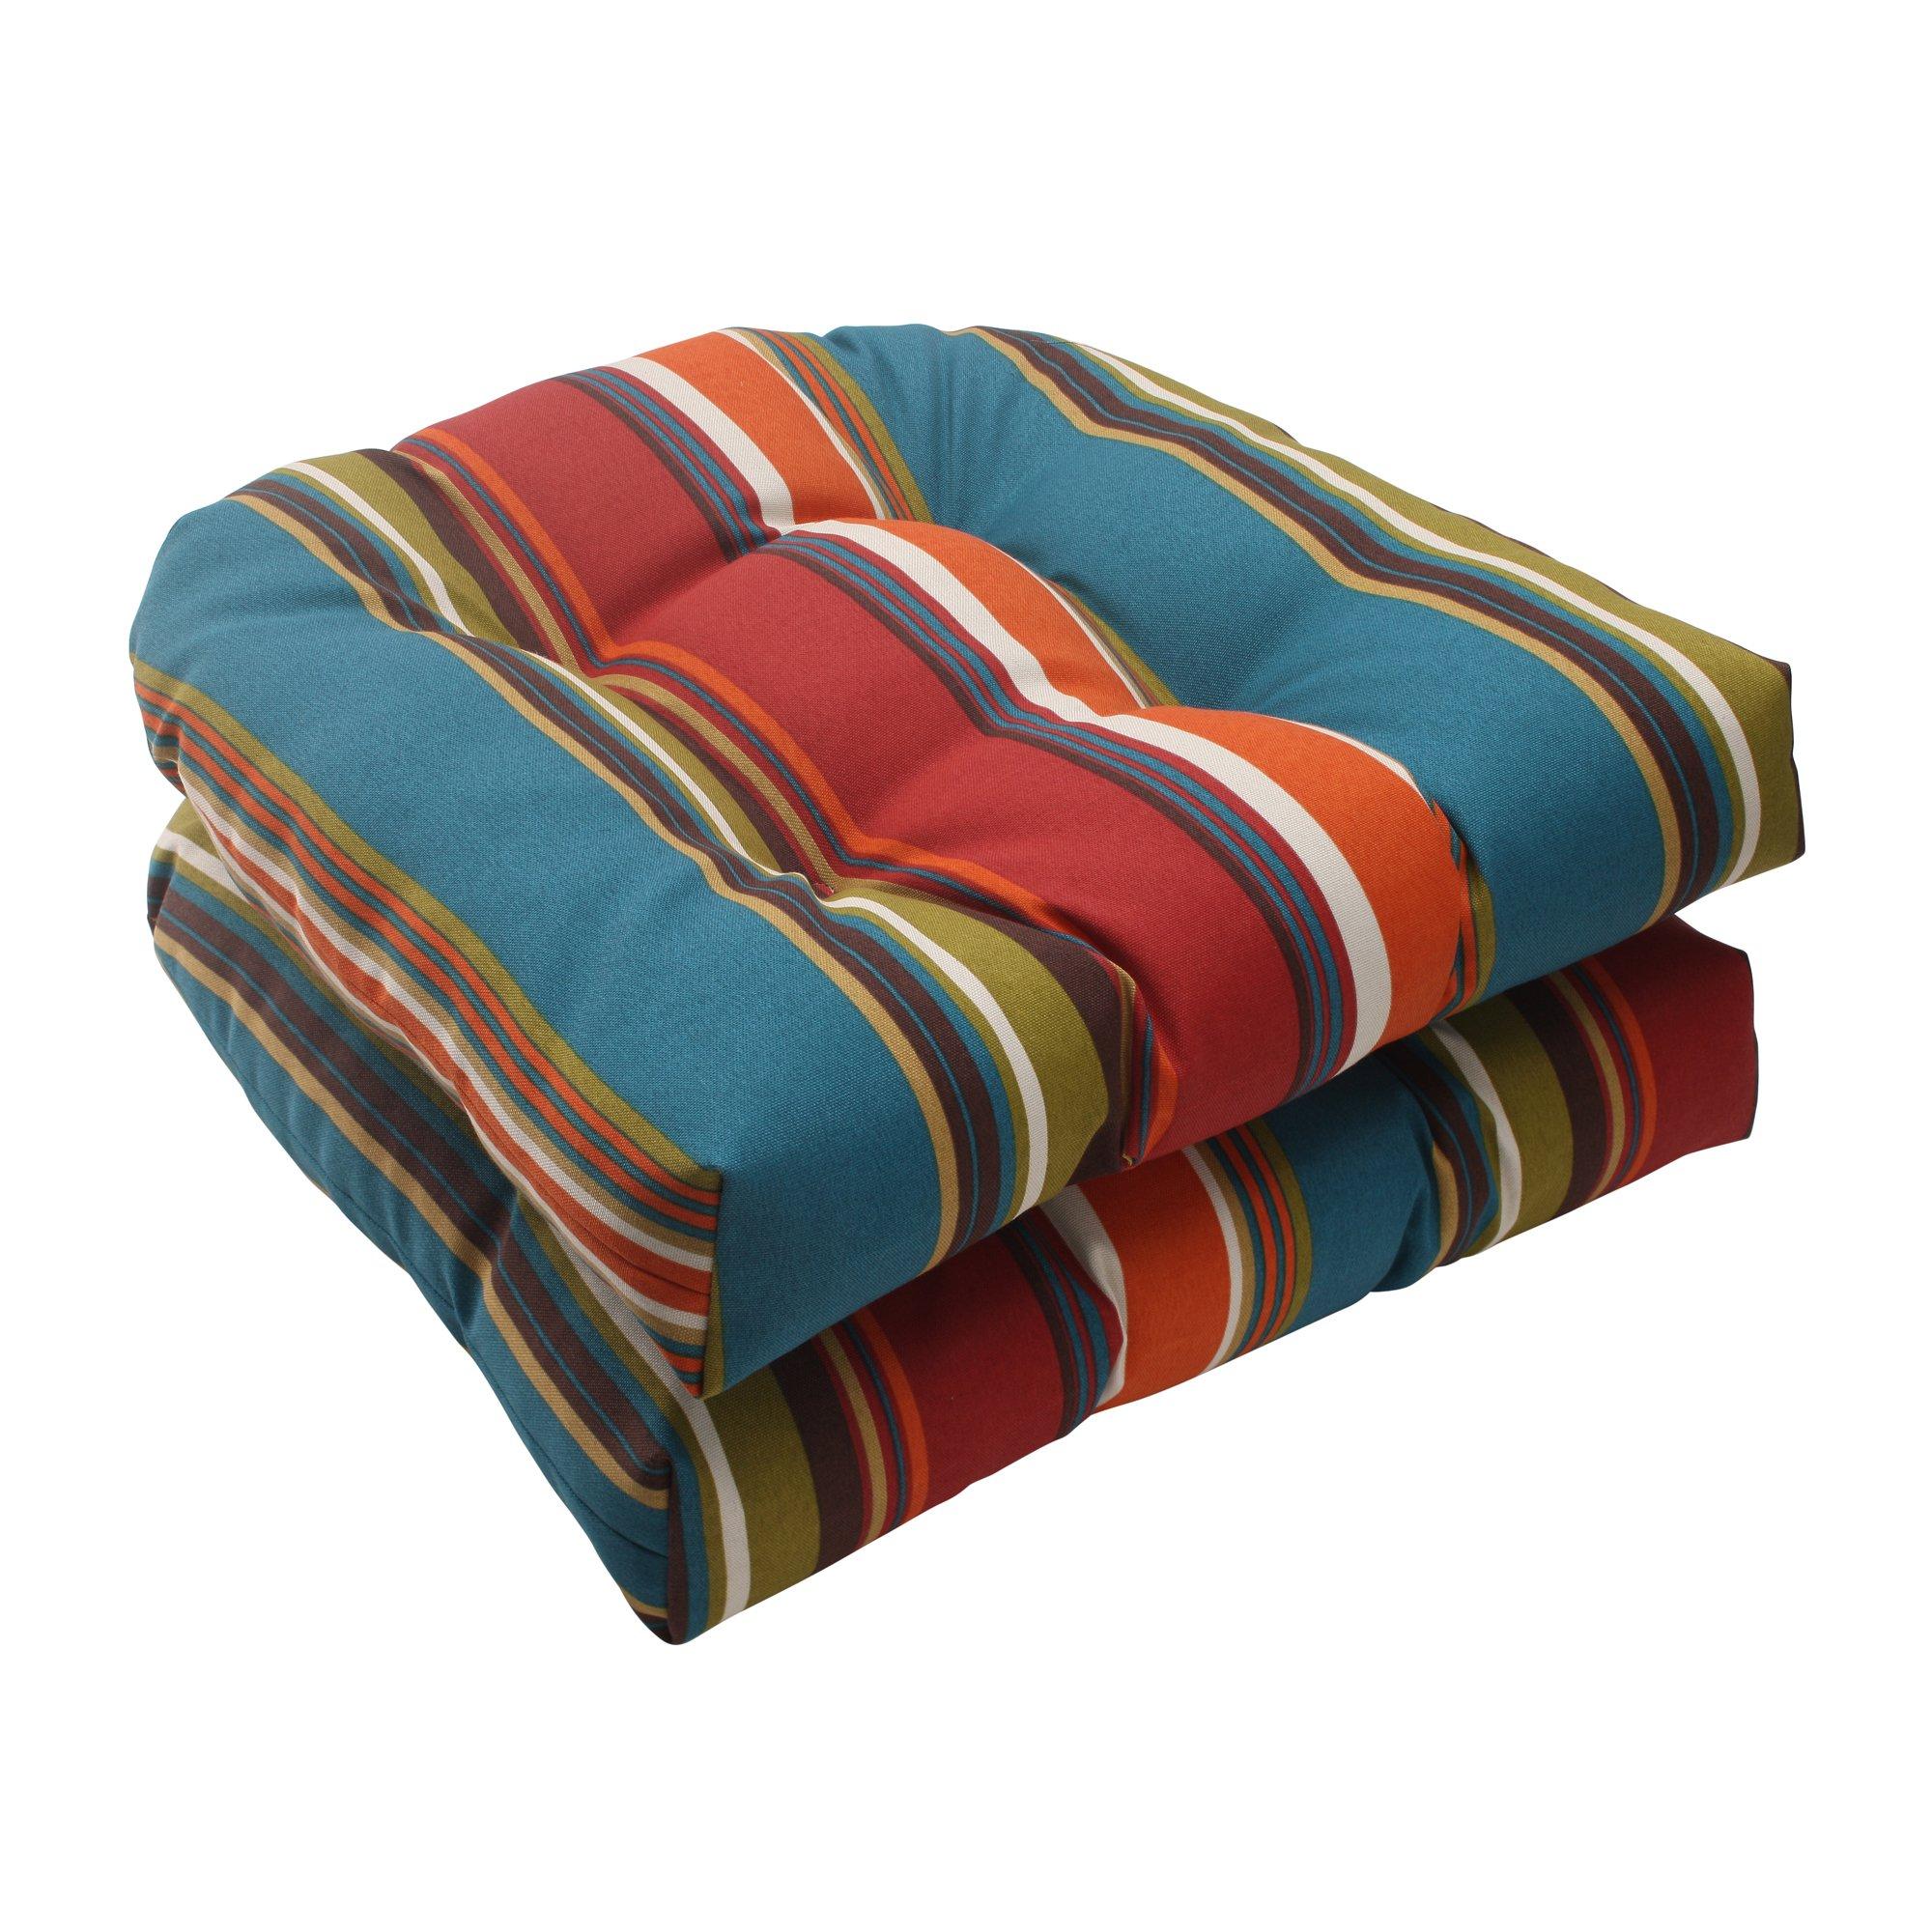 Pillow Perfect Indoor/Outdoor Westport Wicker Seat